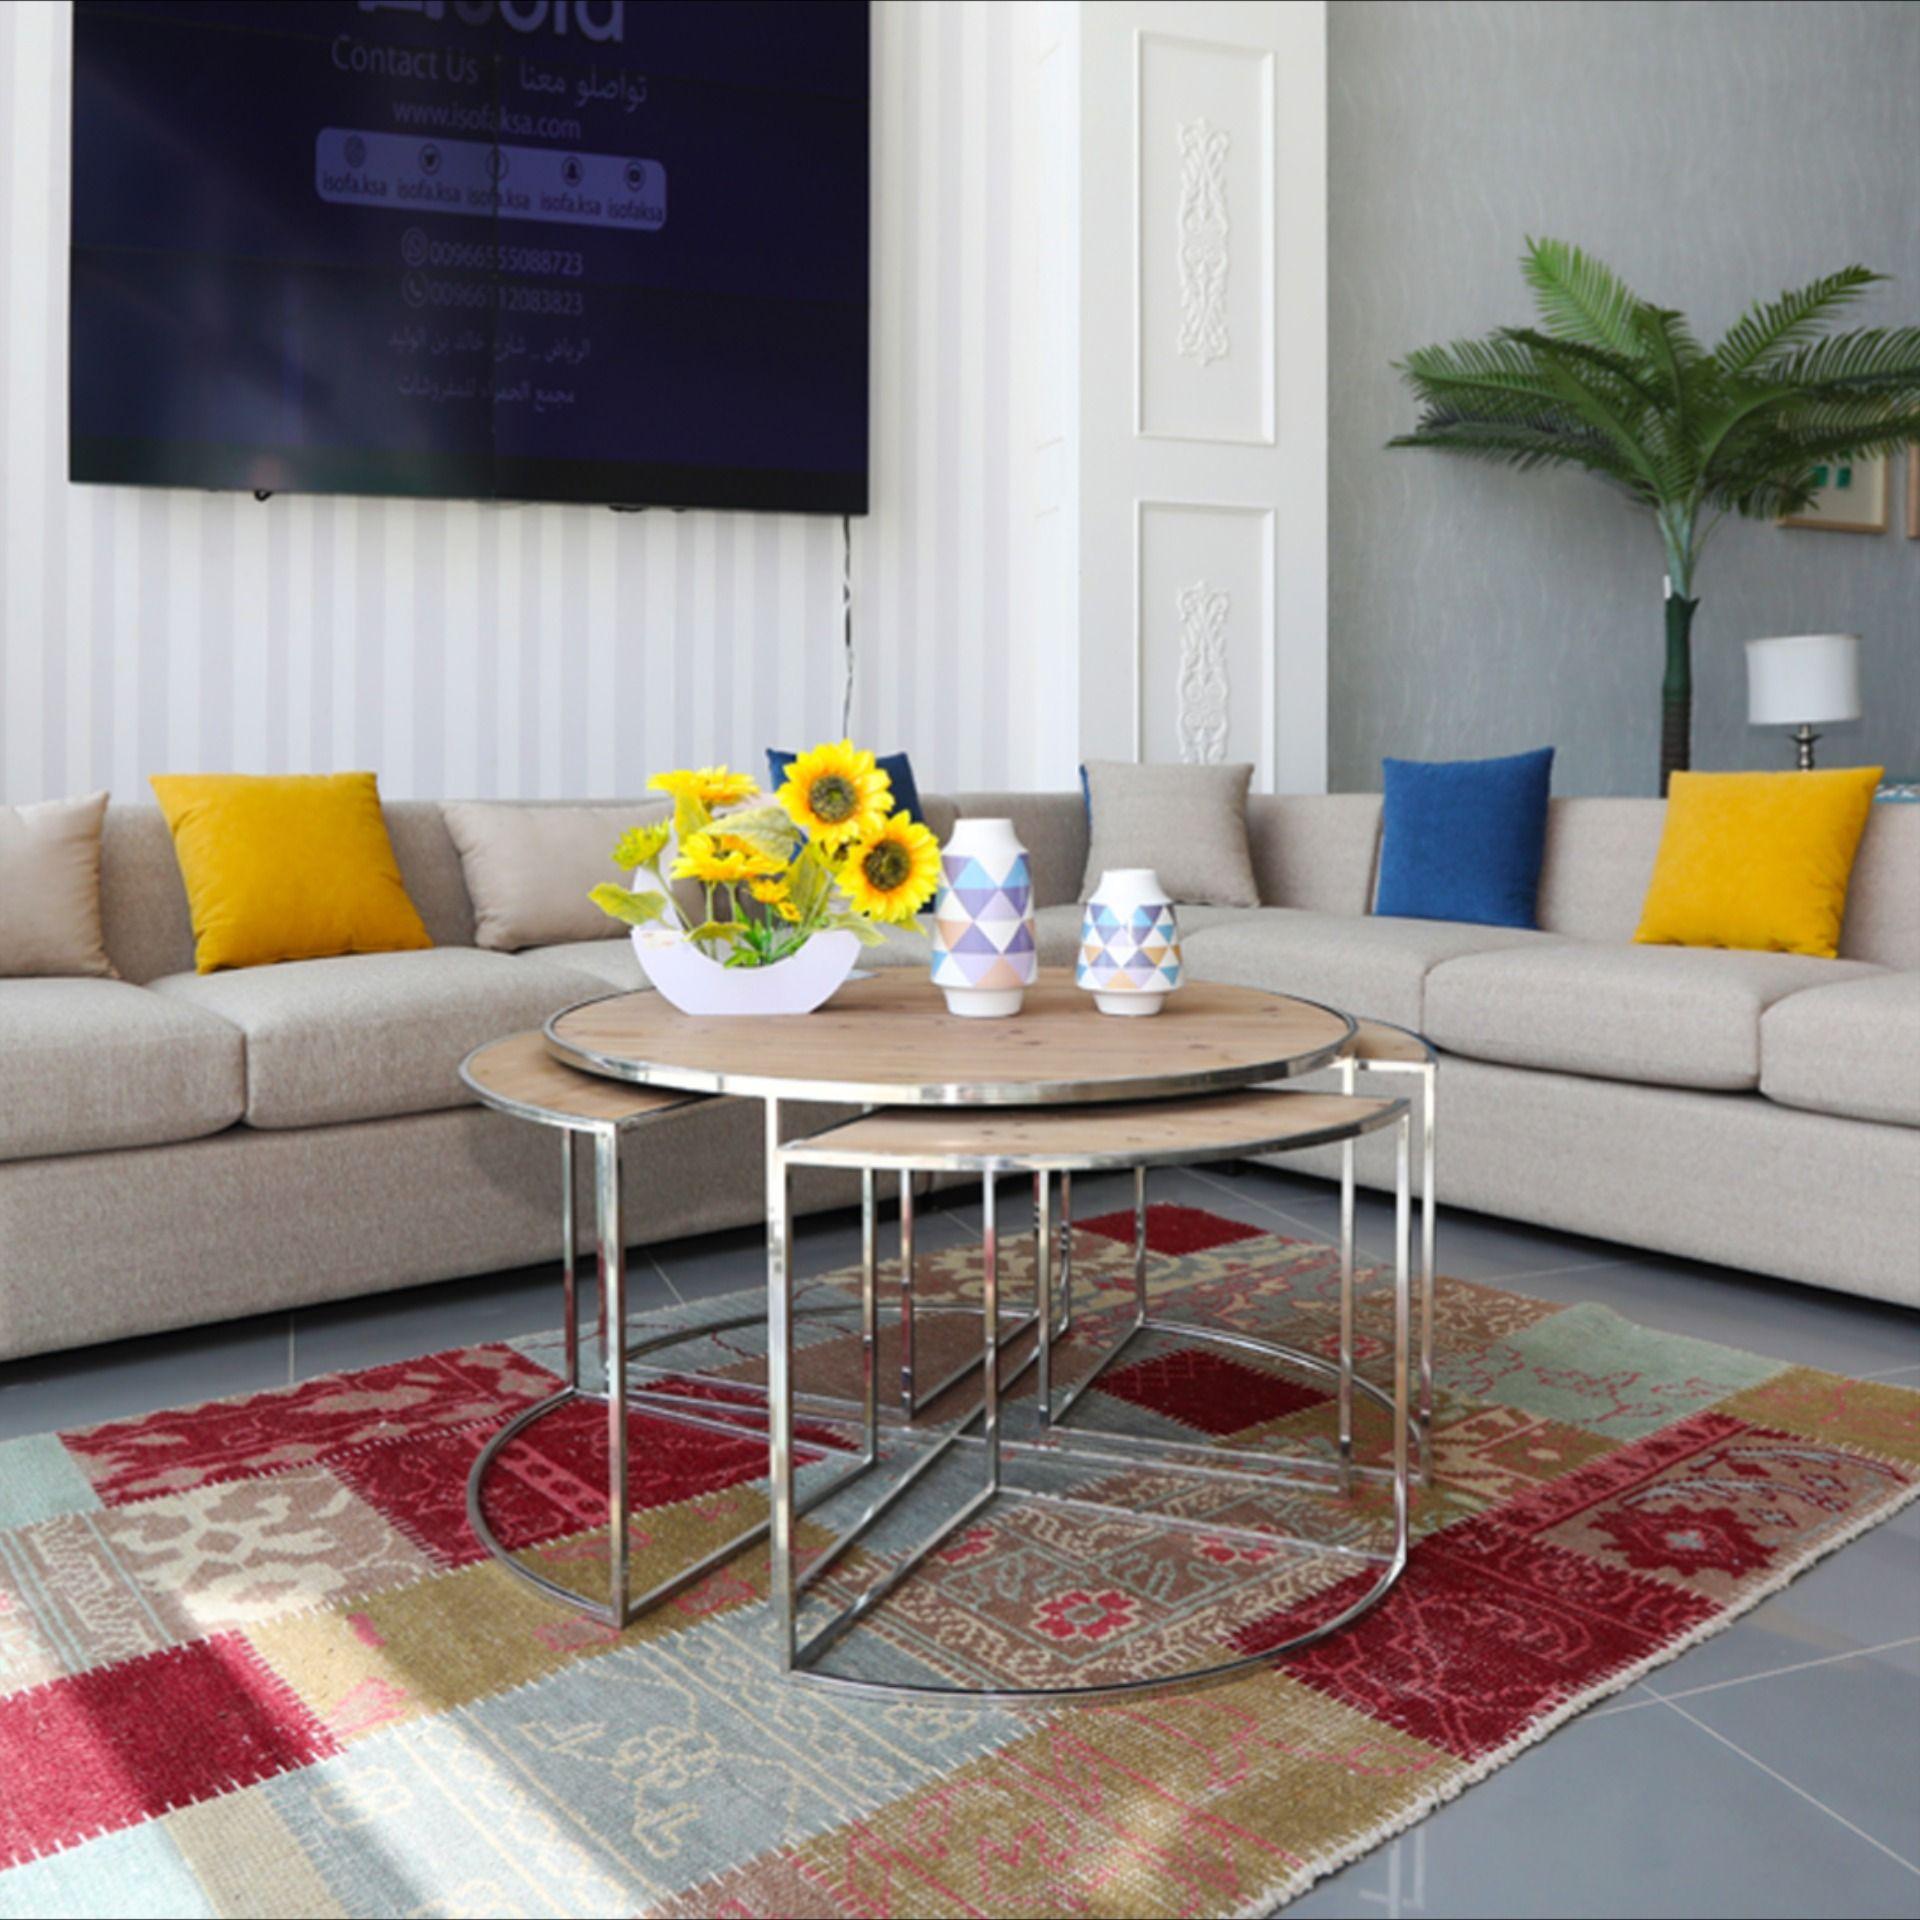 طقم كنب زاوية بلمسة عصرية Coffee Table Home Decor Decor